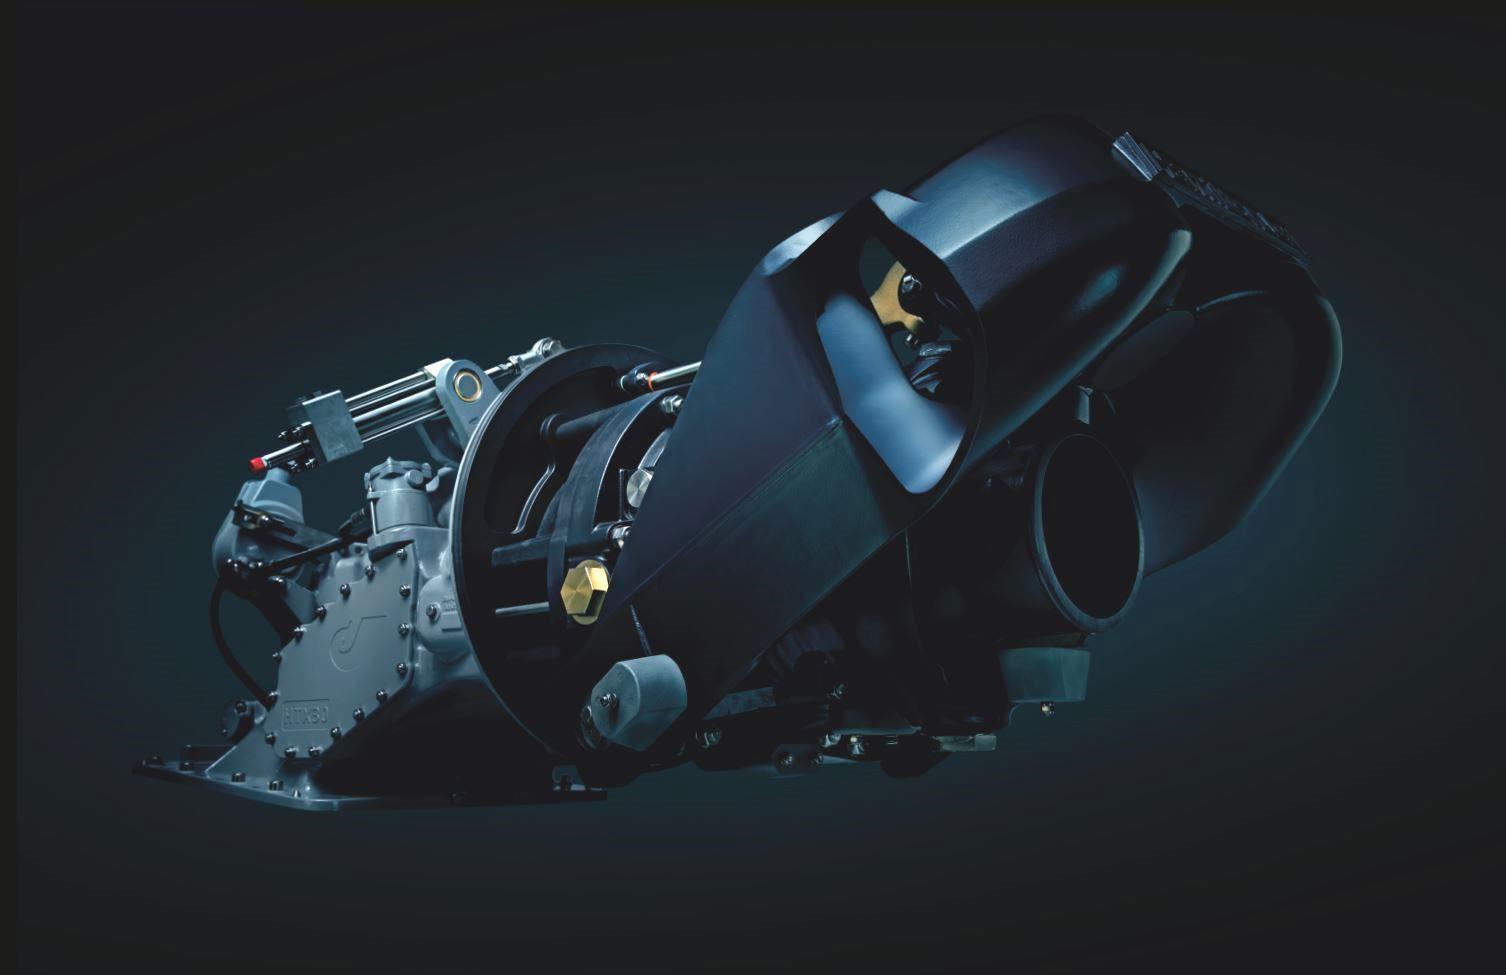 Série HTX – Une nouvelle ère de la propulsion hydrojet